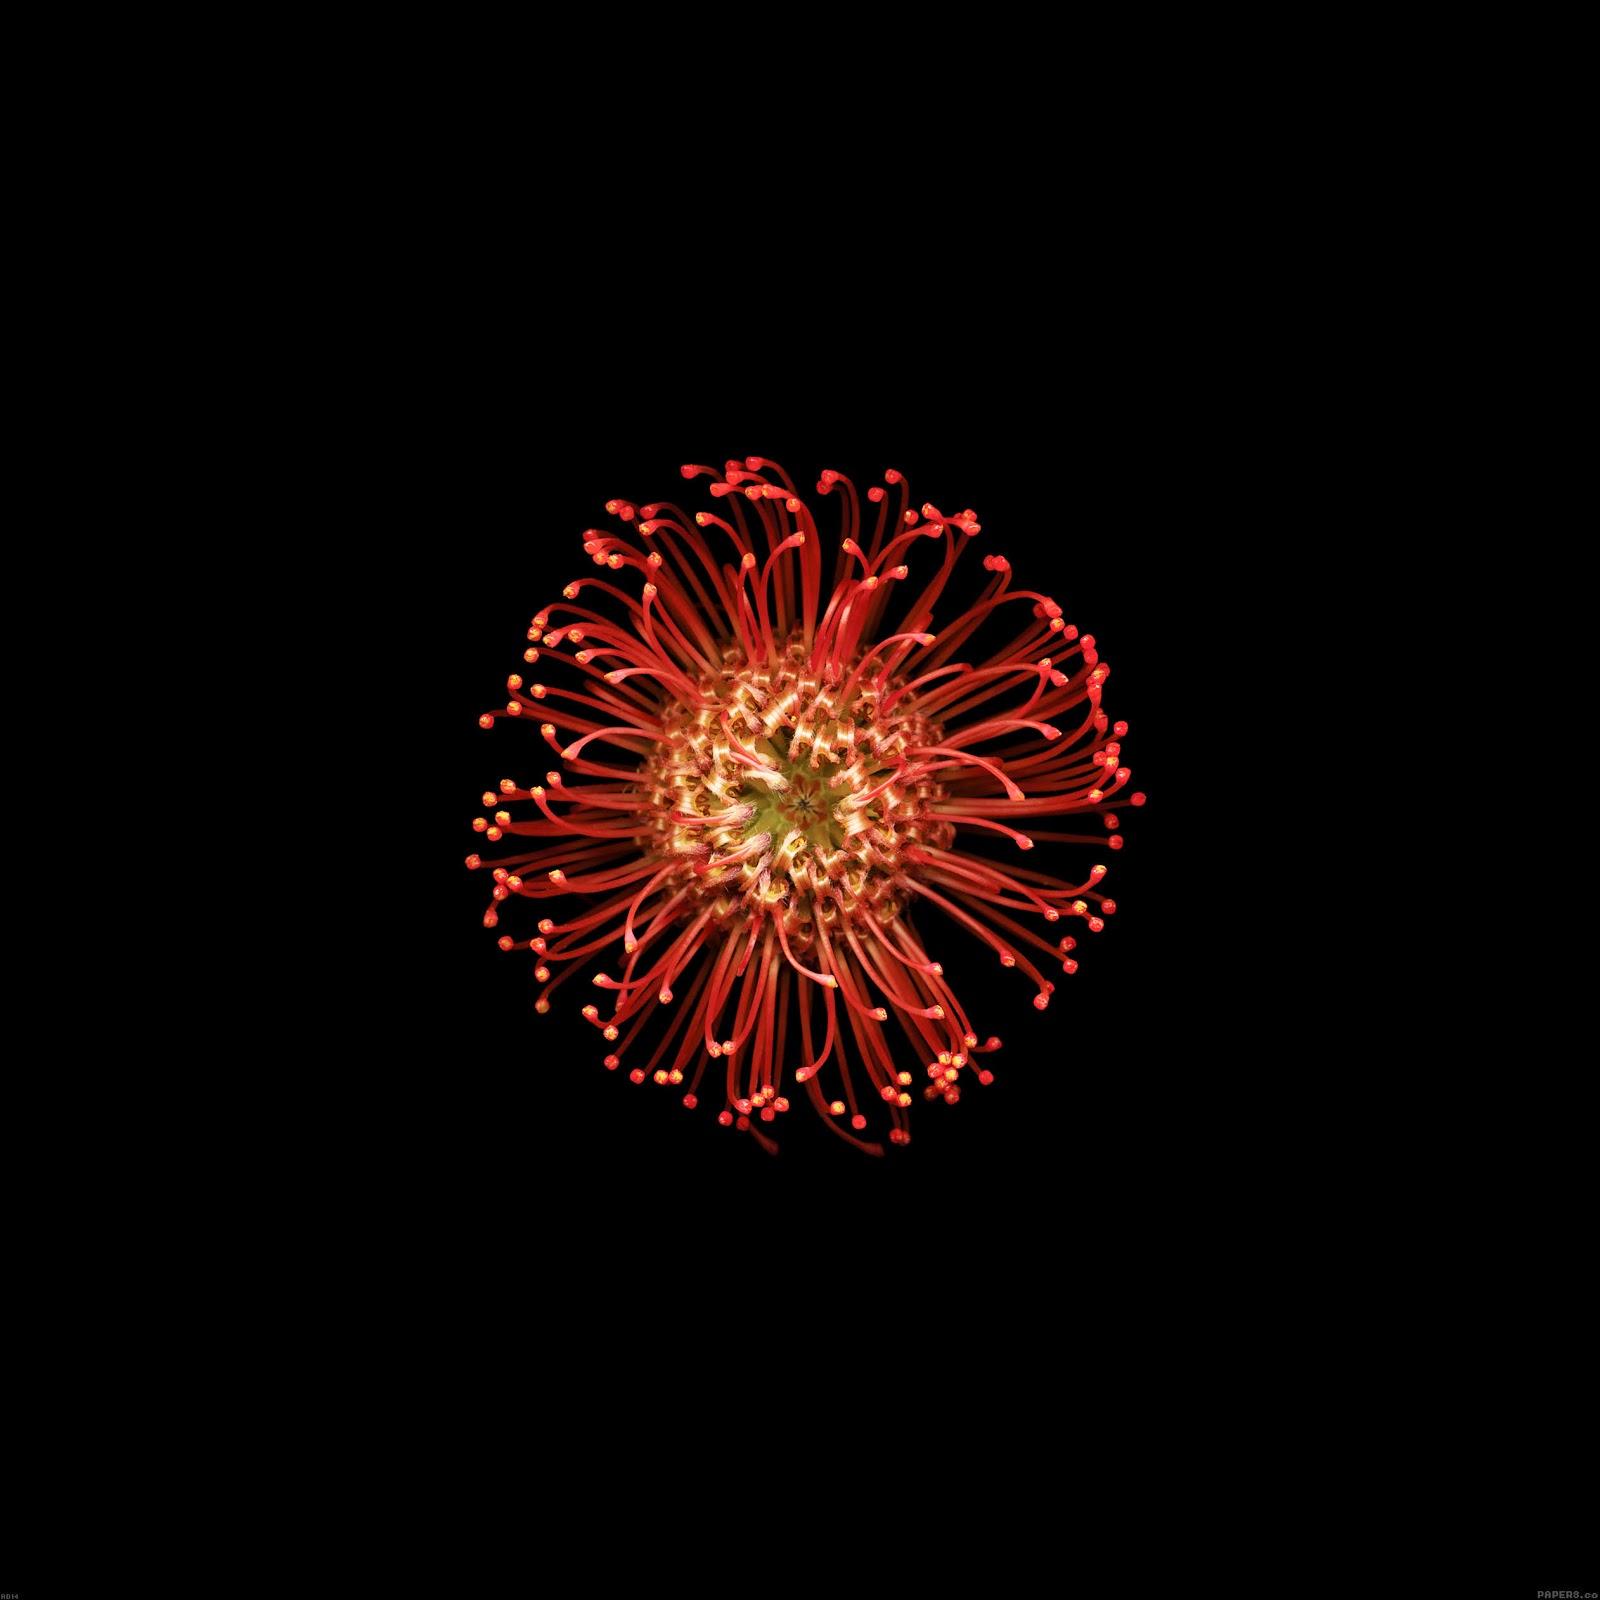 ad14 wallpaper ios8 iphone6 plus apple flower red dark 9 wallpaperjpg 1600x1600